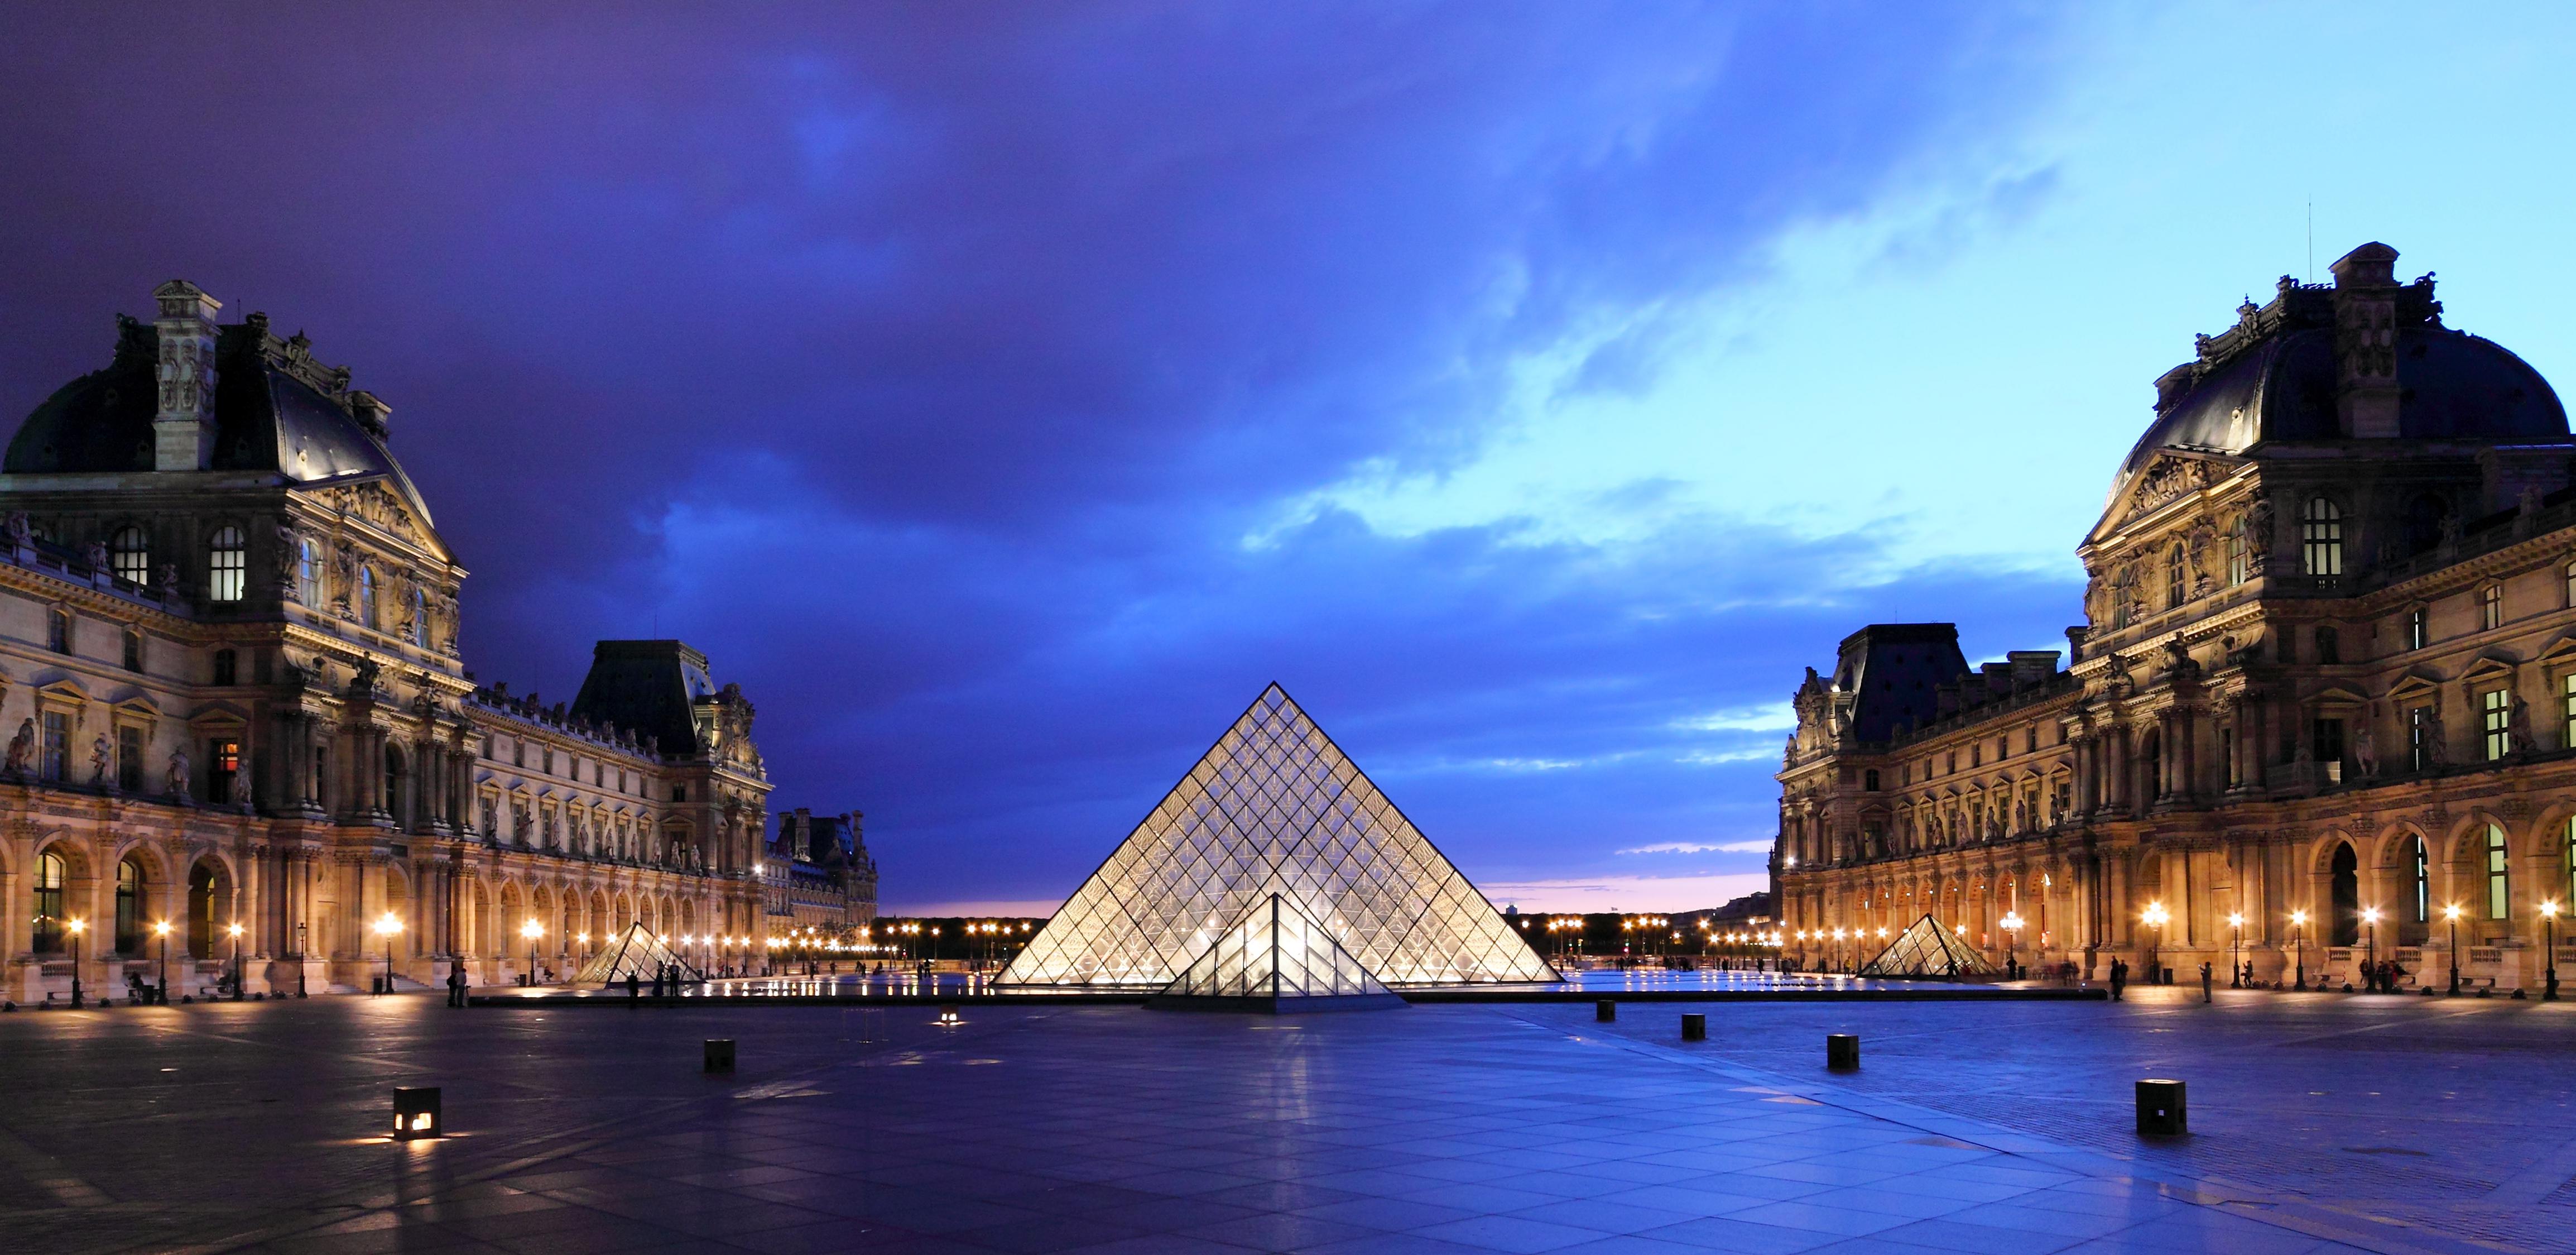 a53afa6fad1 Virtuaalnäitused Prantsuse muuseumide avastamiseks! - Prantsuse Instituut  Eestis